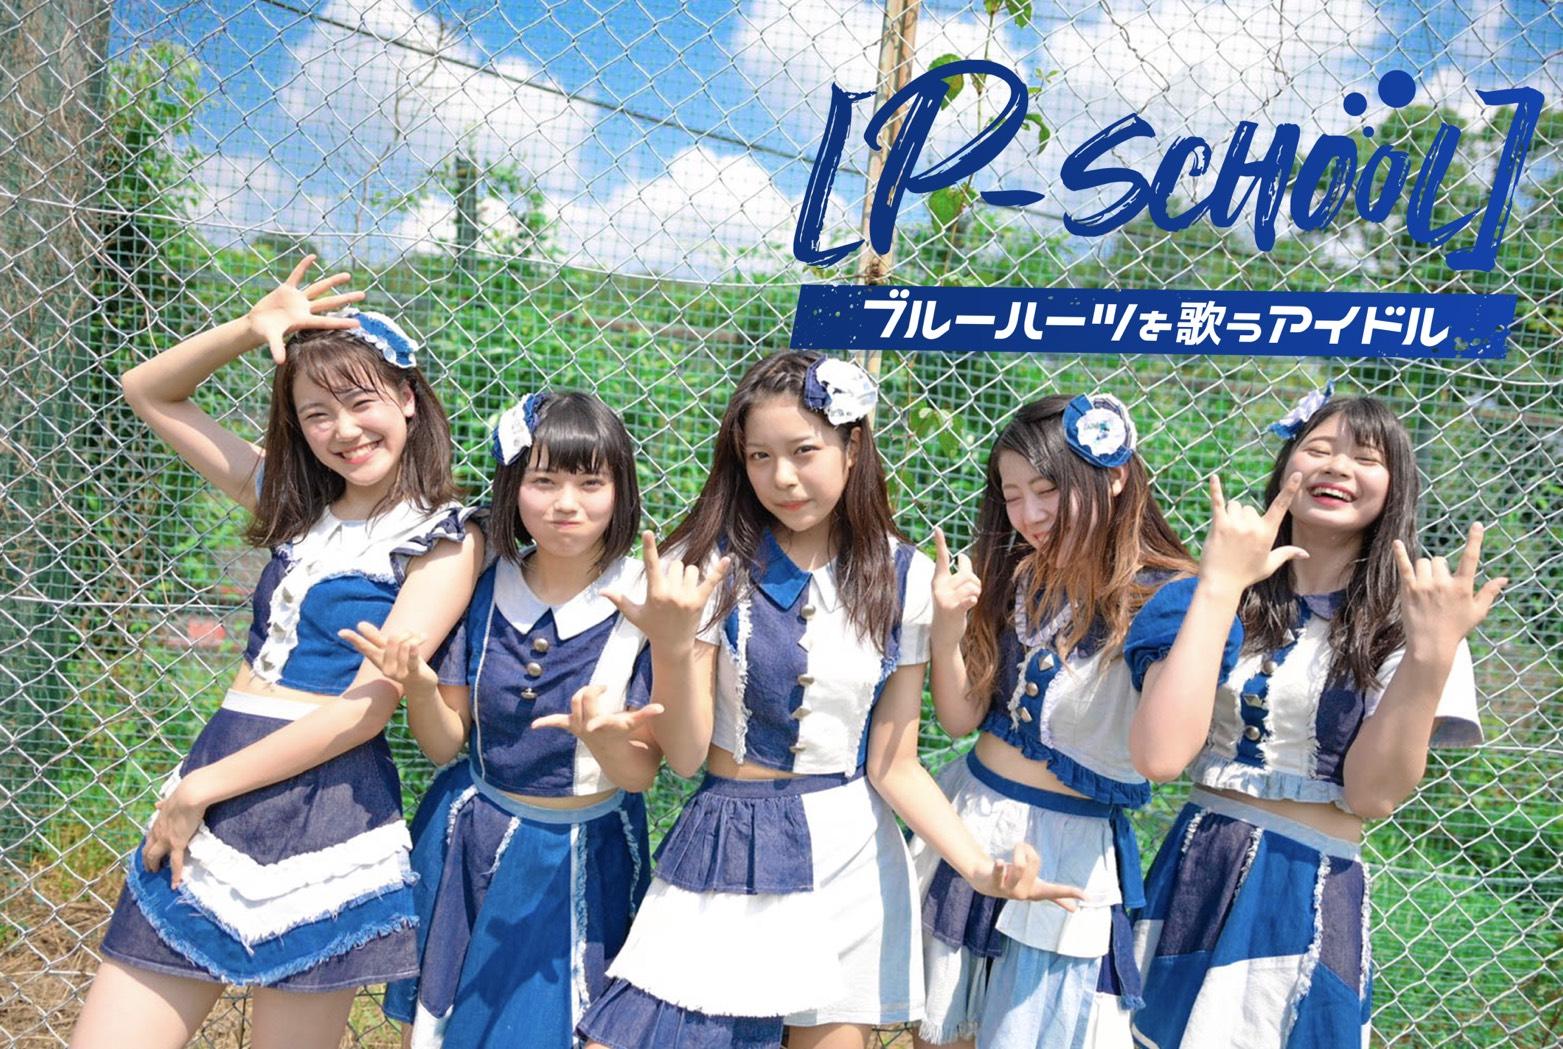 P-School